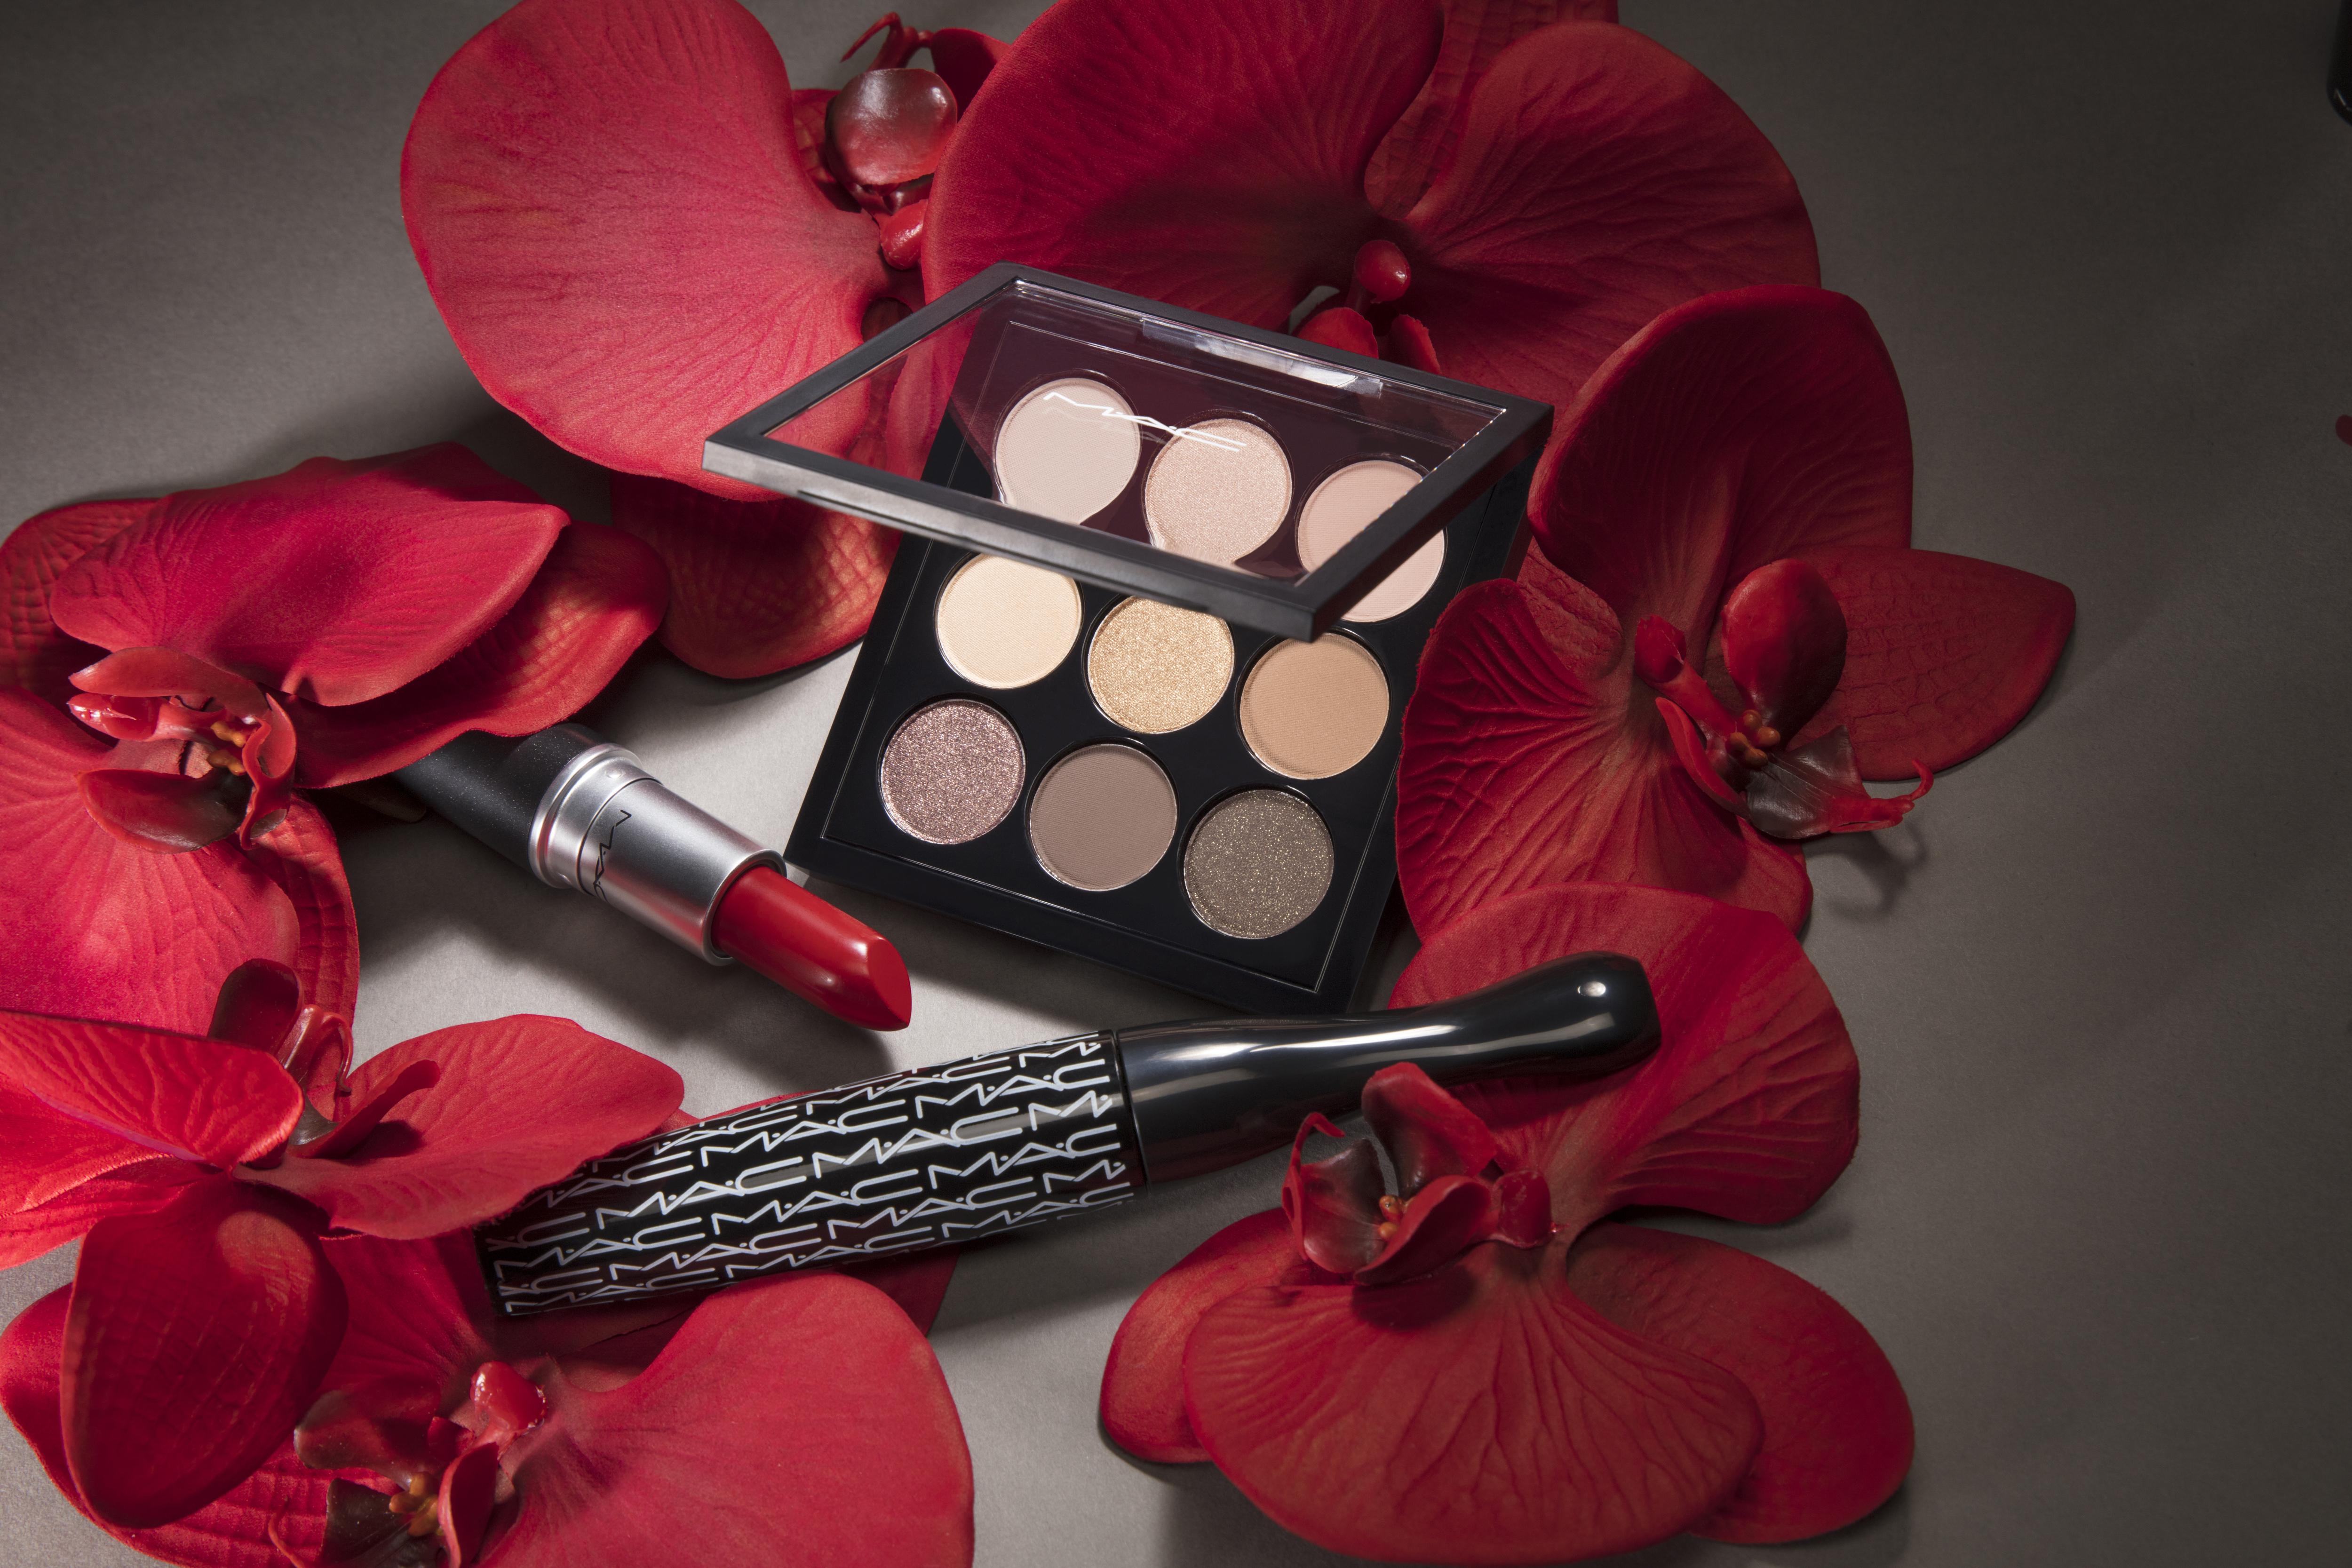 A MAC vai lançar uma coleção especial de makes lindos para noivas